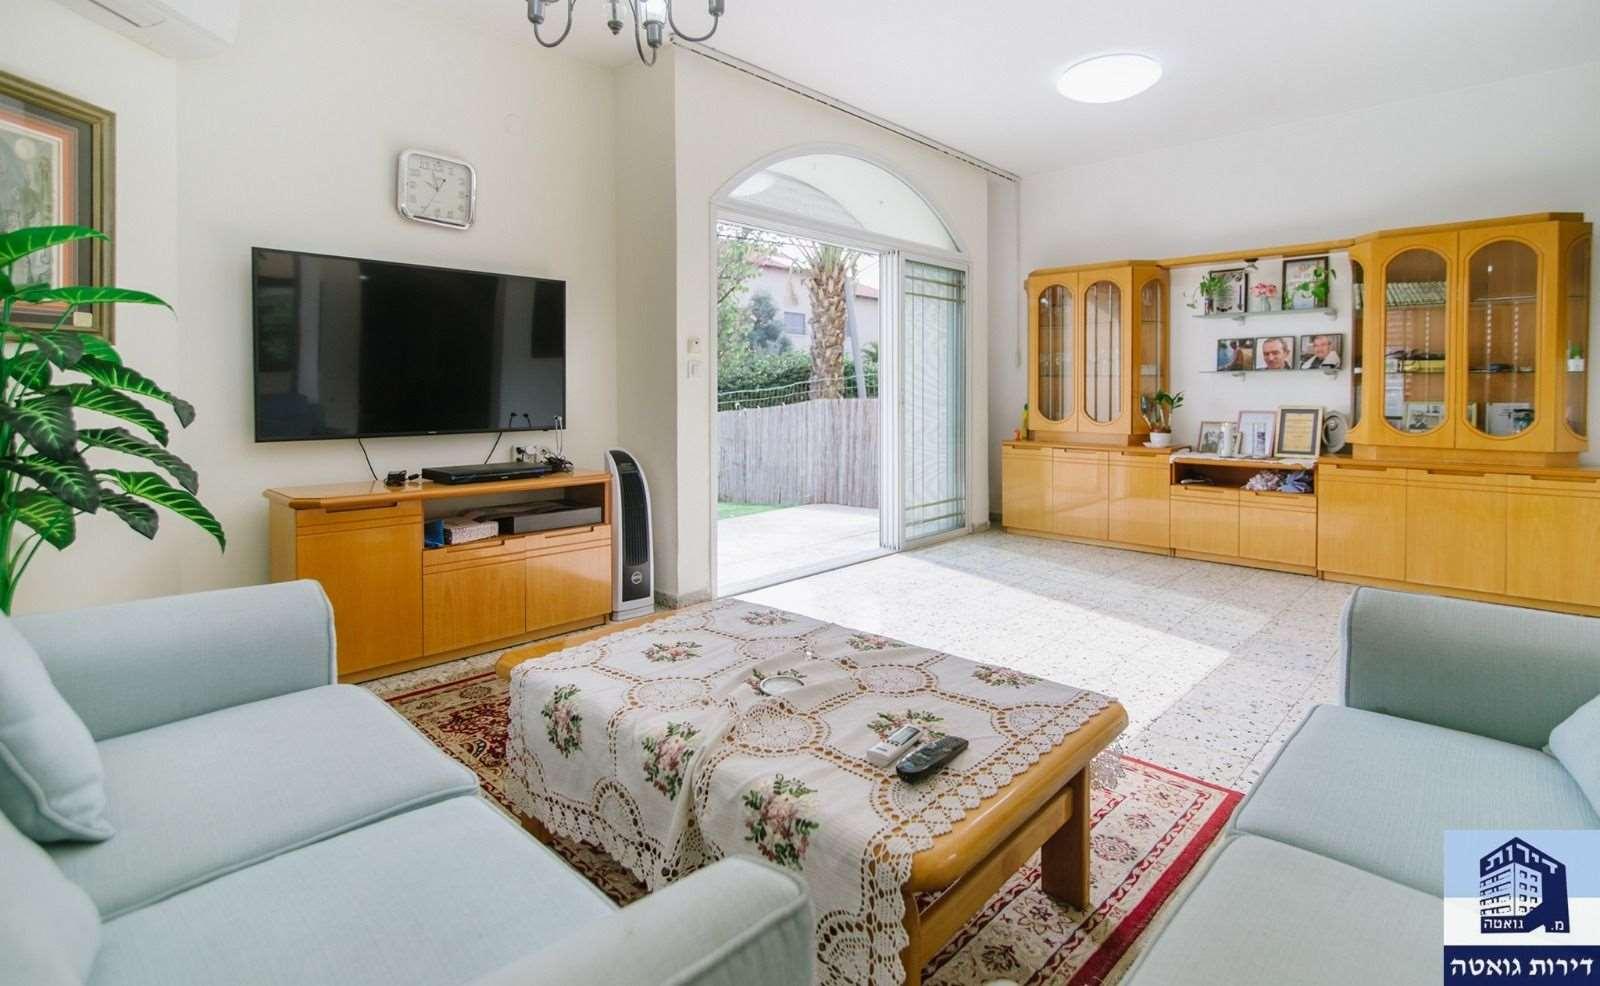 בית פרטי למכירה 5 חדרים בפתח תקווה עוזיאל